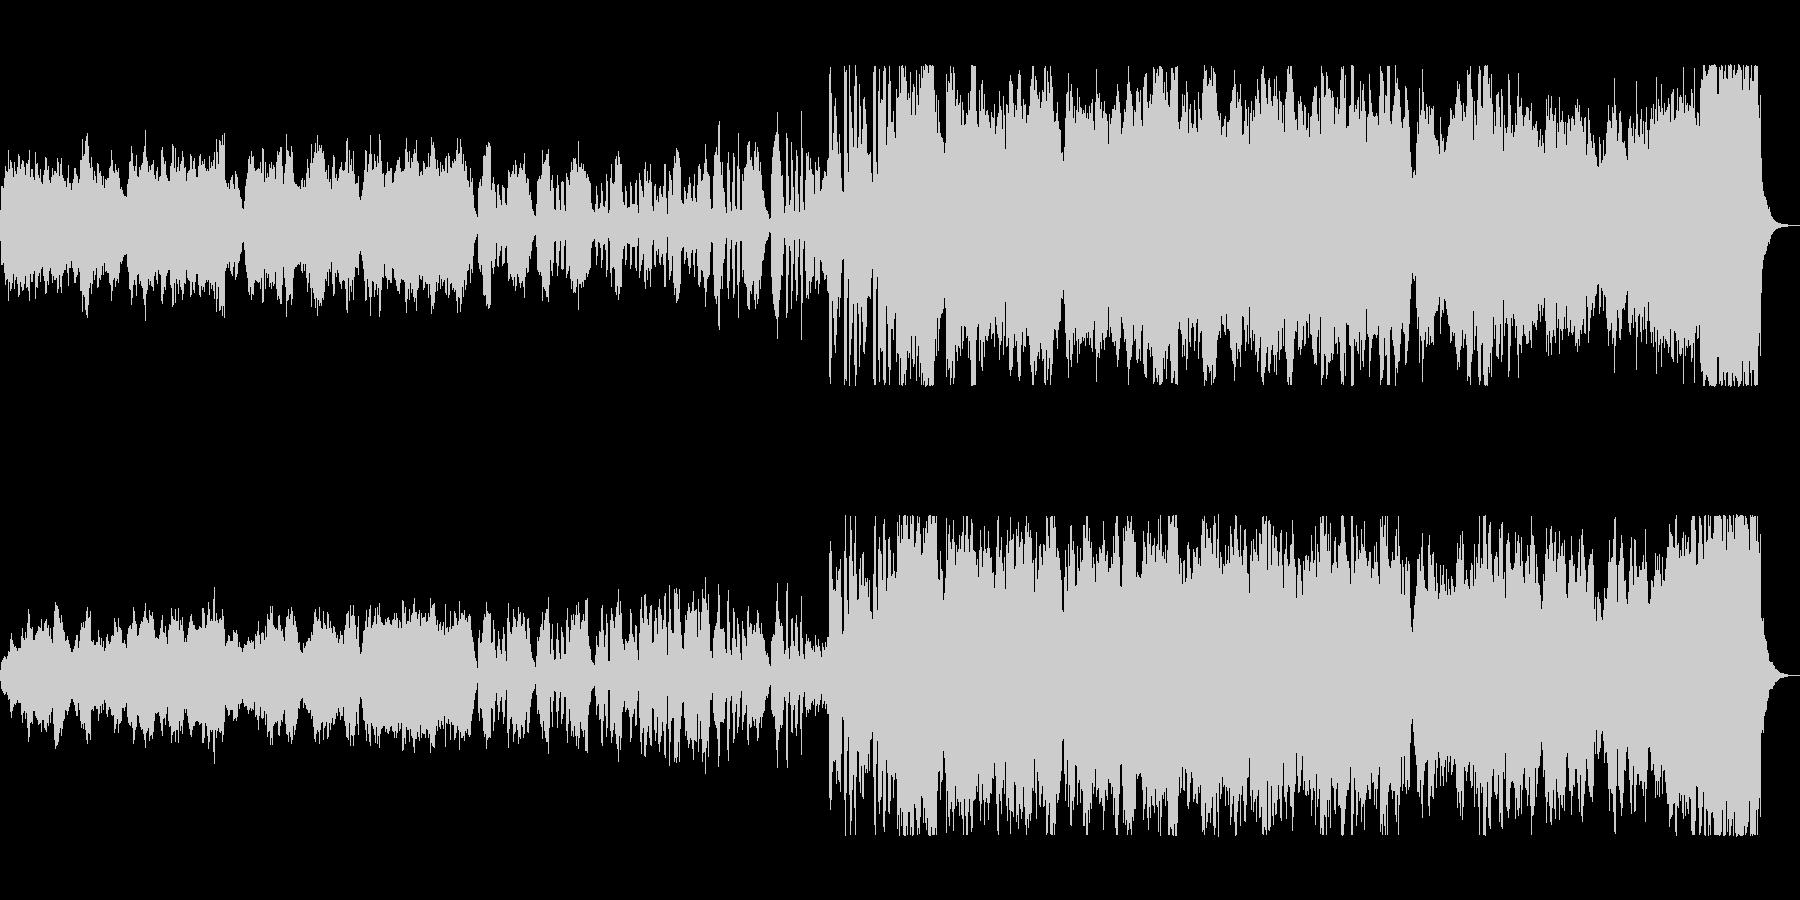 ゆっくりした広がりのあるオーケストラの曲の未再生の波形